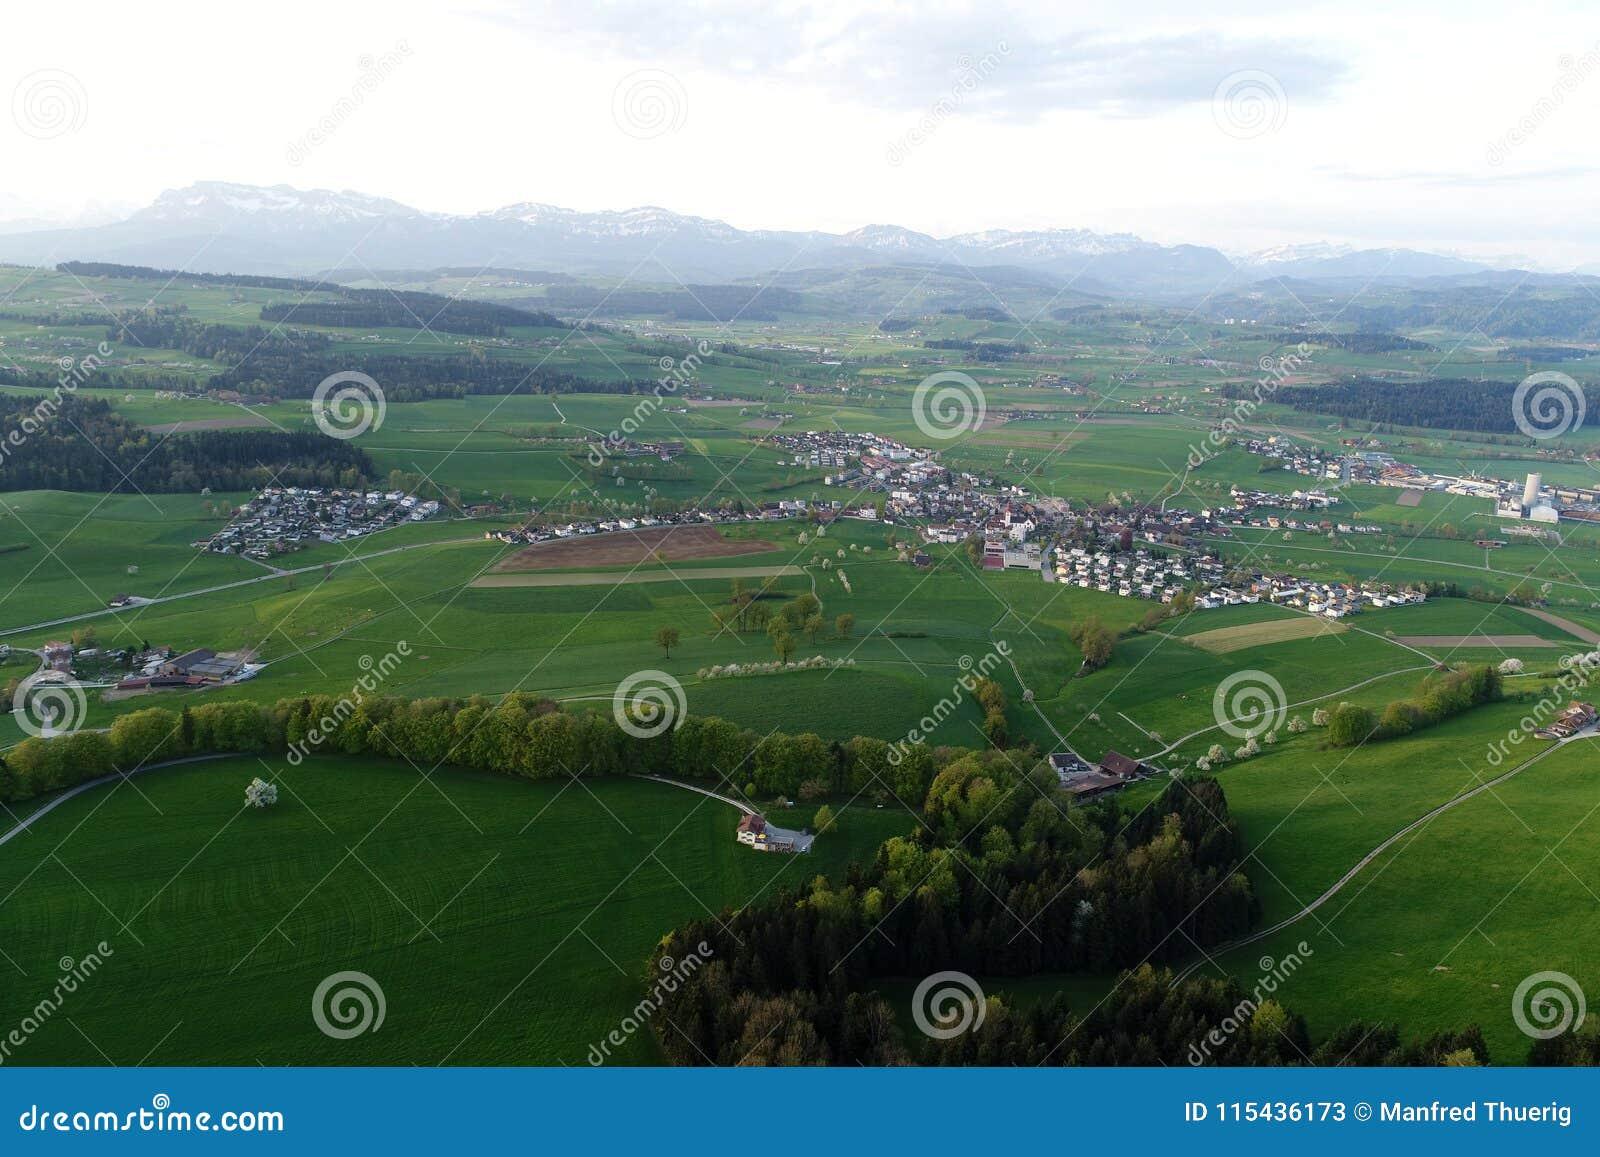 Zwitsers laagland met dorpen, landbouwbedrijven en de Alpen op de achtergrond